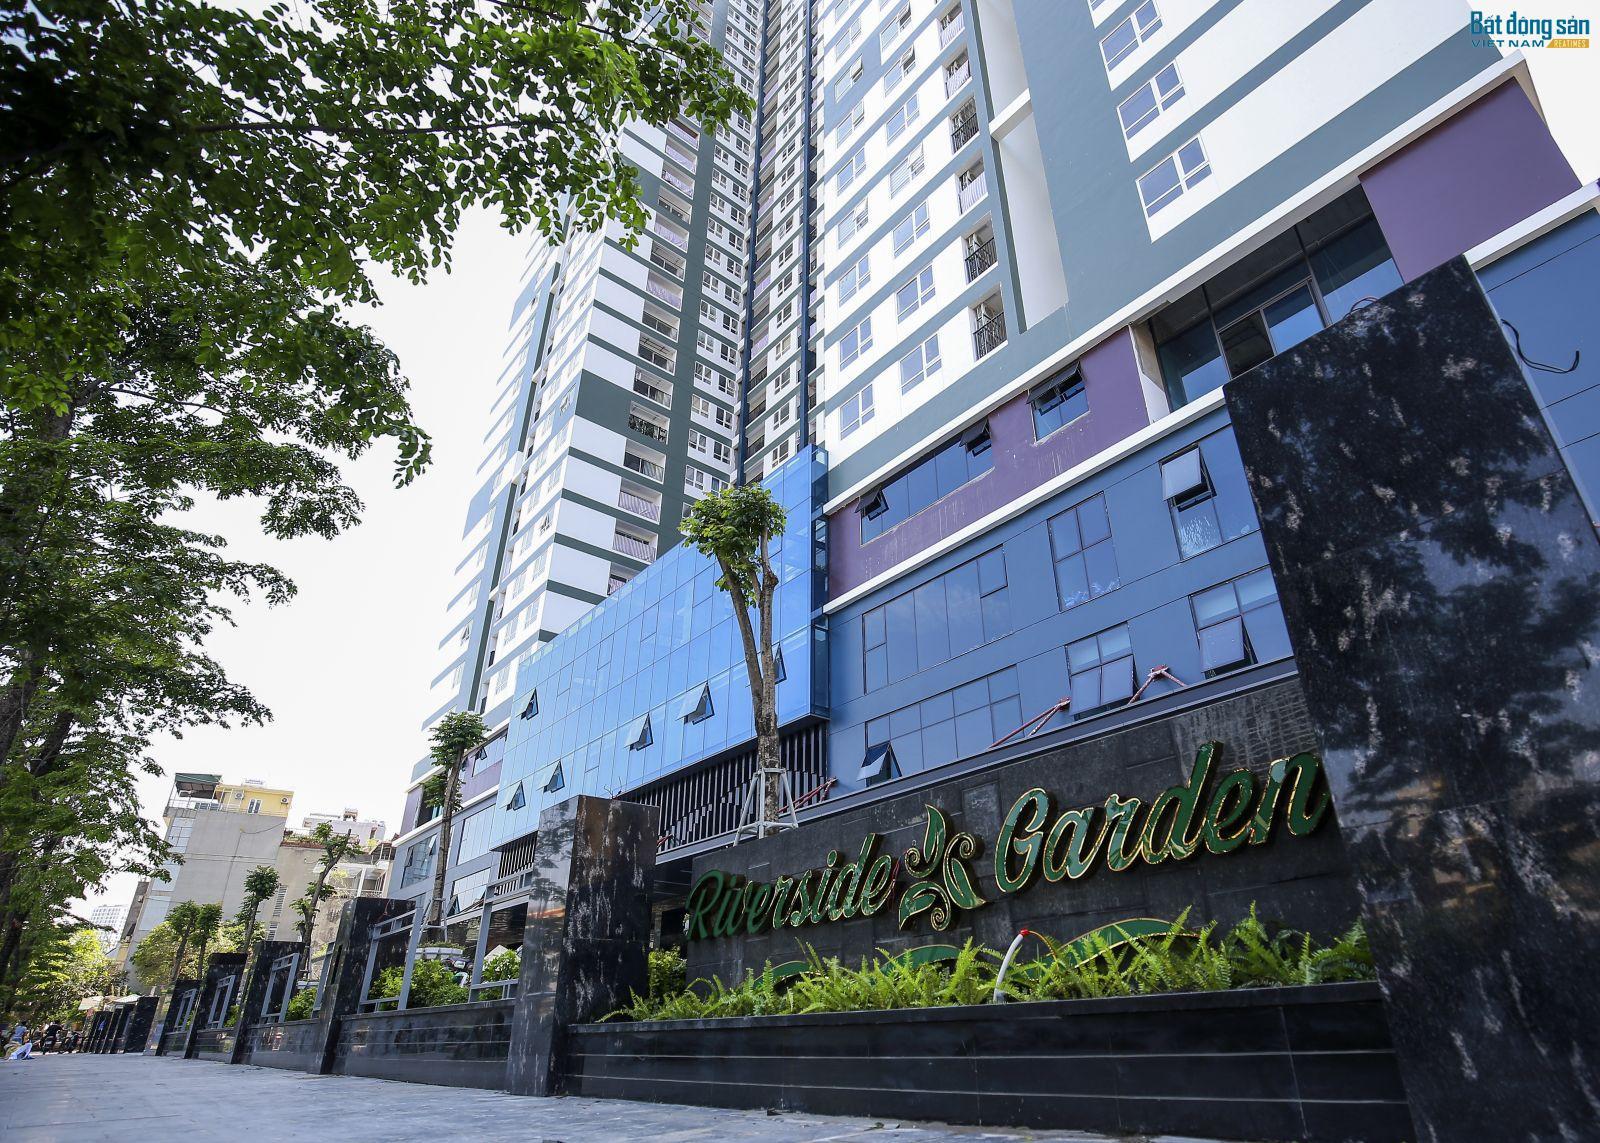 Chung cư Riverside Garden (Vũ Tông Phan, Hà Nội)